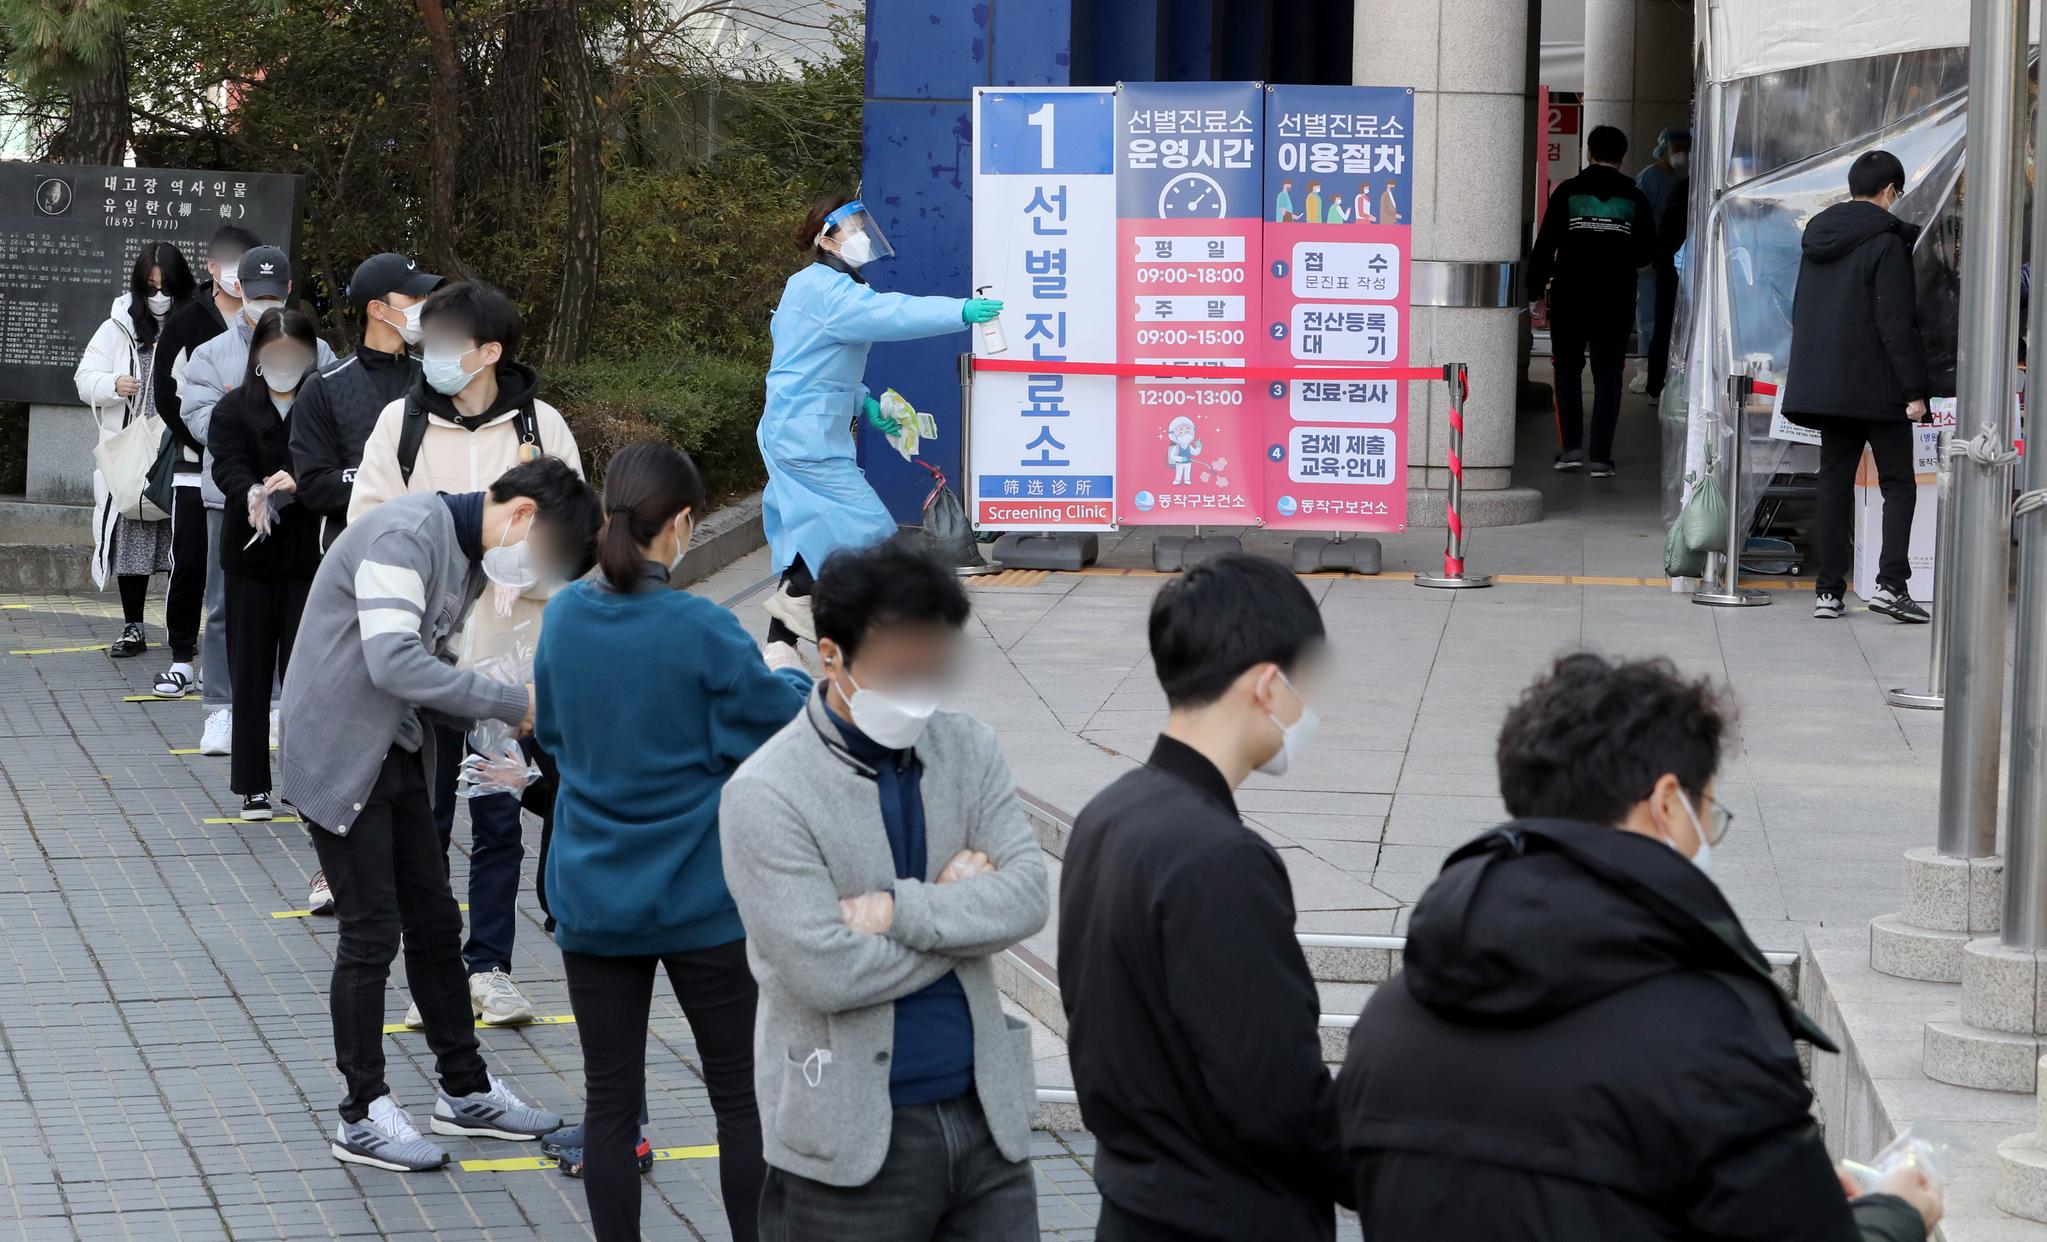 서울 노량진 임용고시학원 관련 누적 확진자가 69명으로 늘어난 21일 서울 동작구보건소 선별진료소가 검사를 받기위한 시민들로 북적이고 있다. 뉴스1